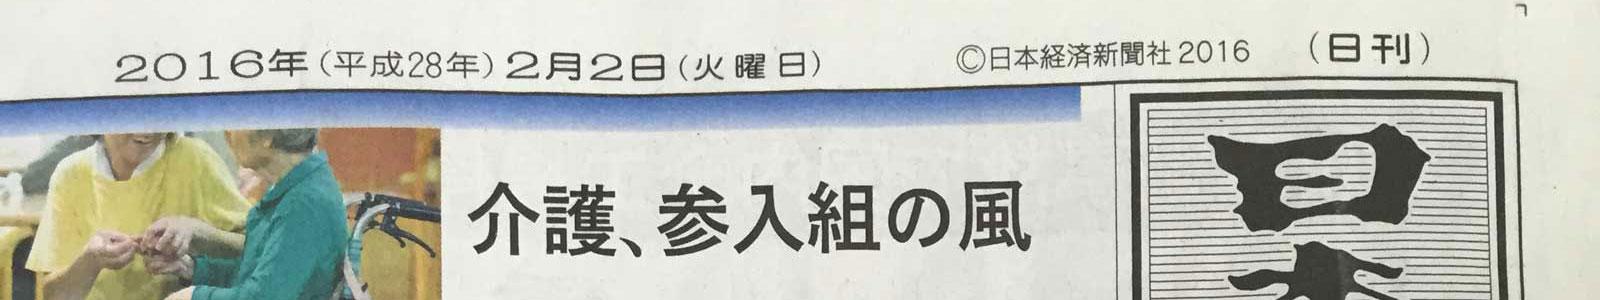 2月2日の日本経済新聞に得平の取材記事が掲載されました